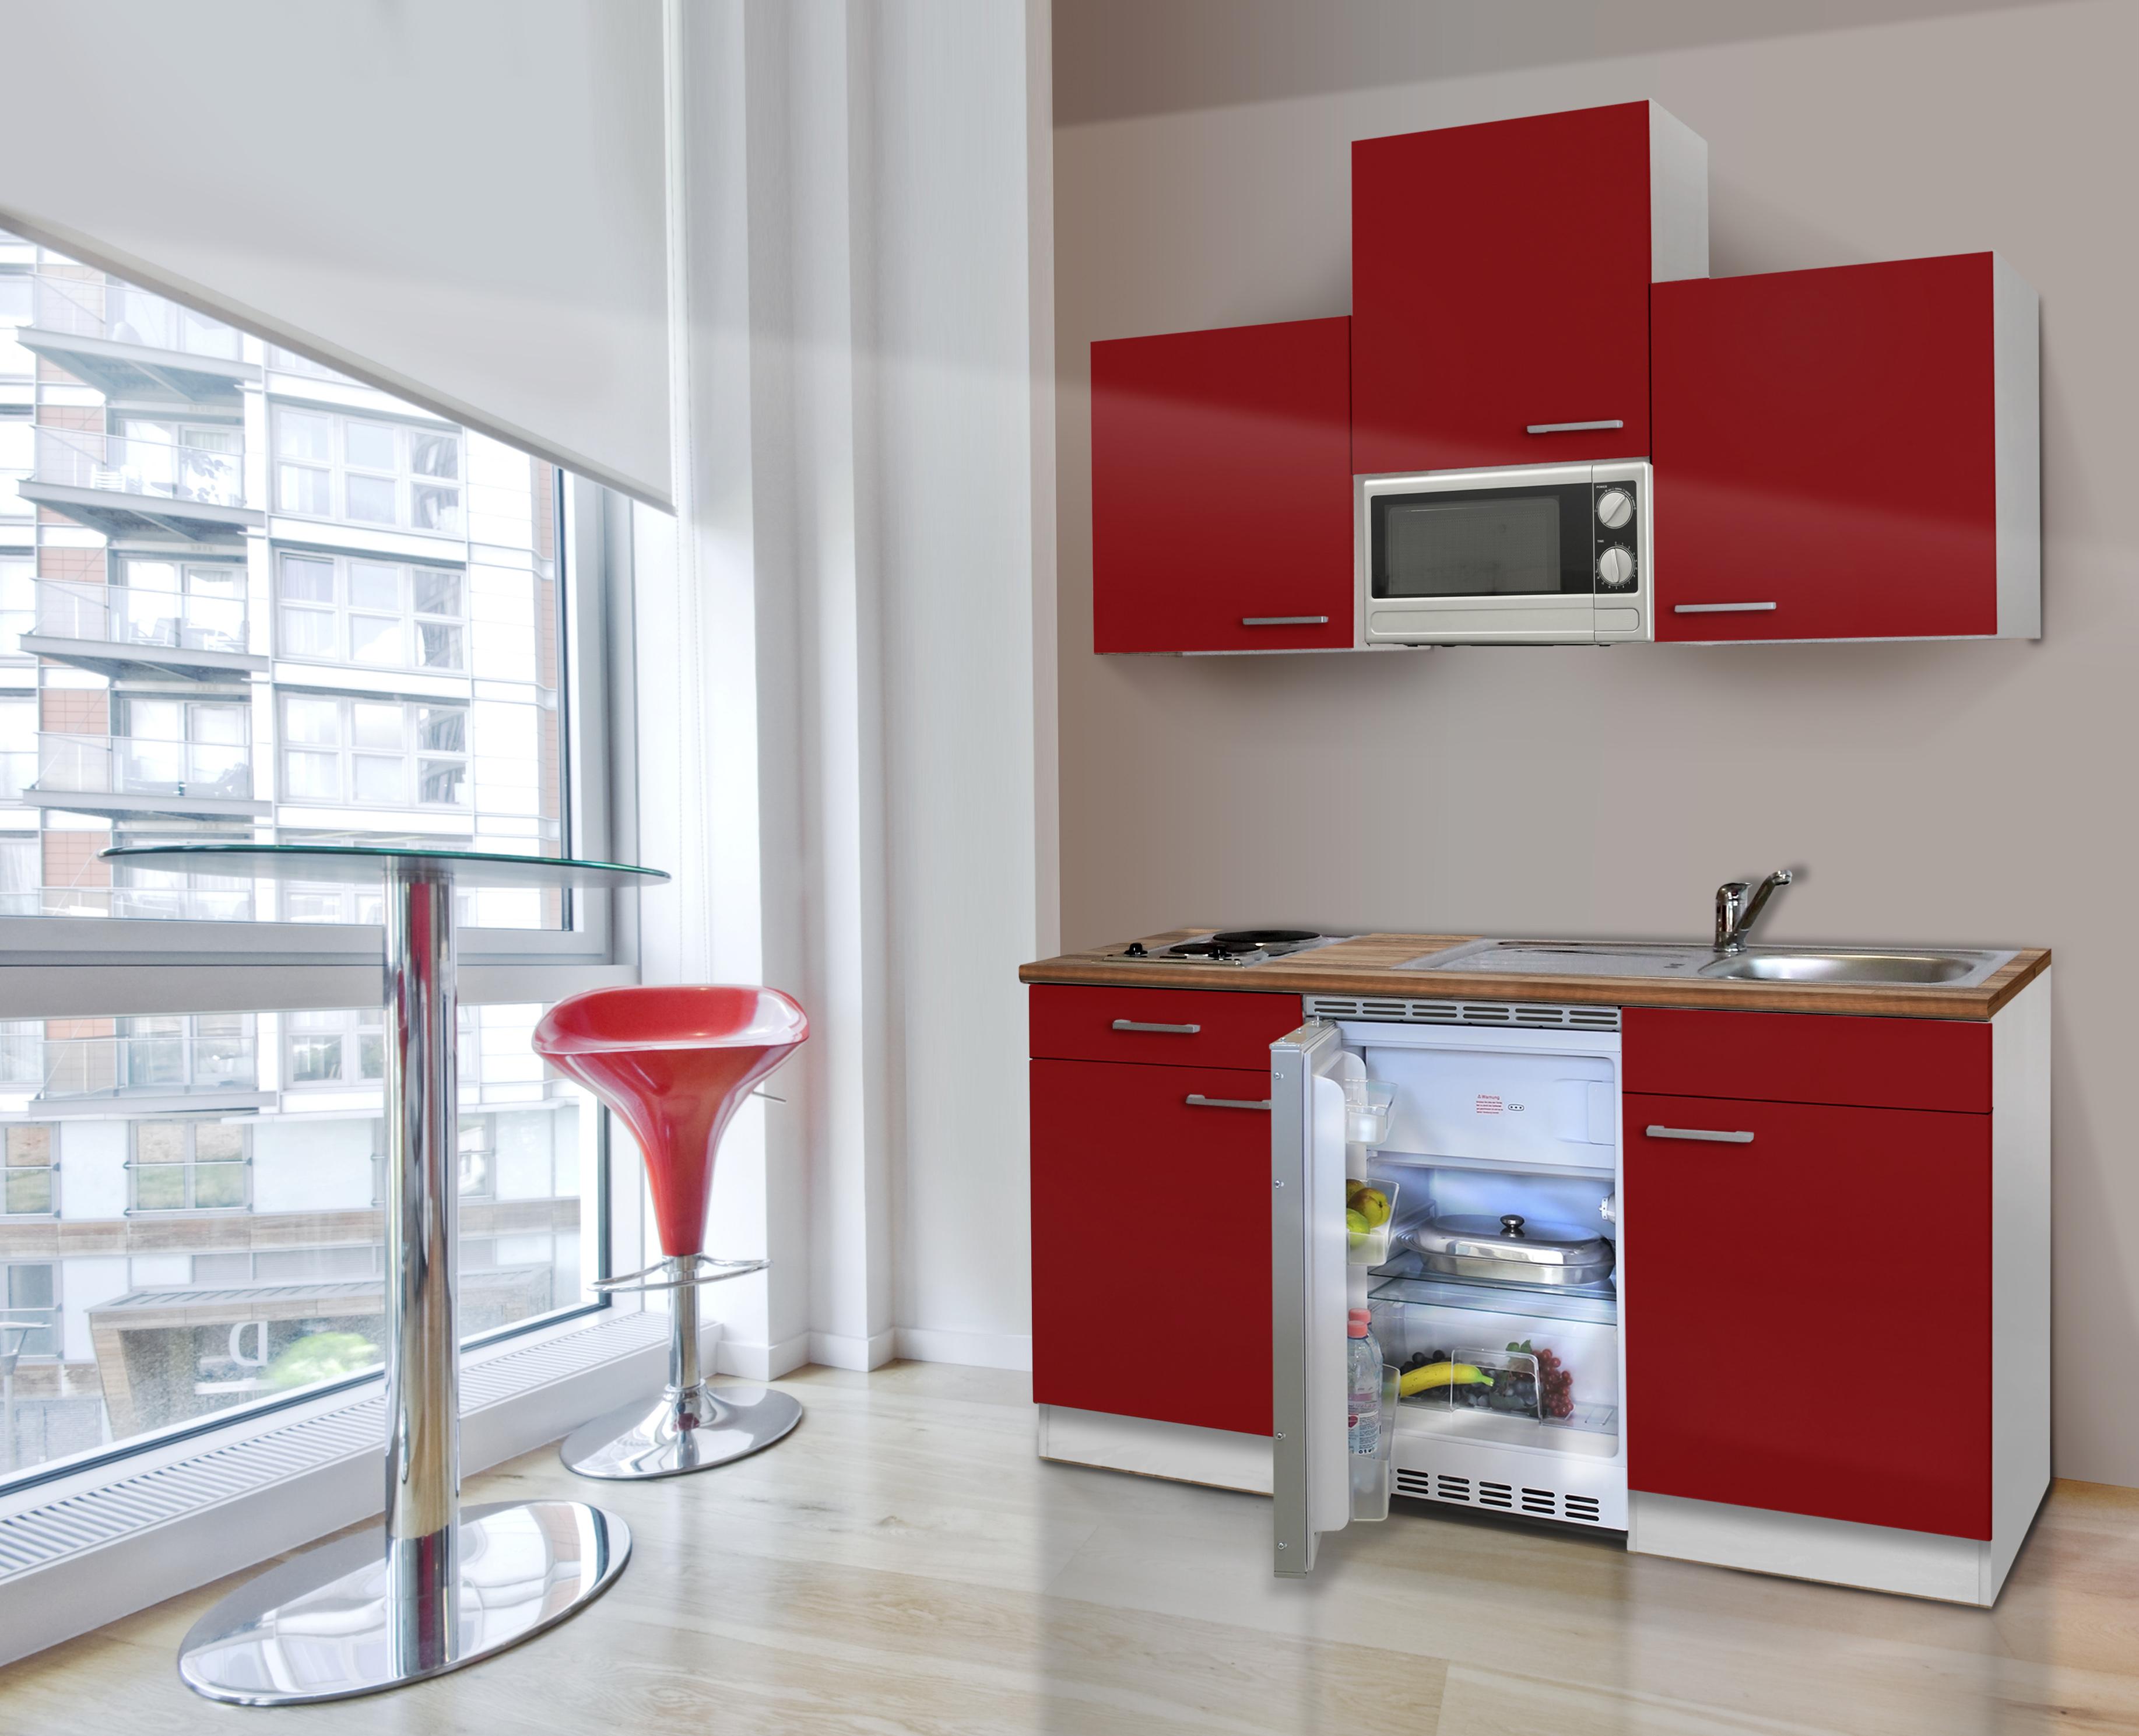 Mini Cucina Singola Blocco Angolo Cottura 150 Cm Bianco Rosso ...